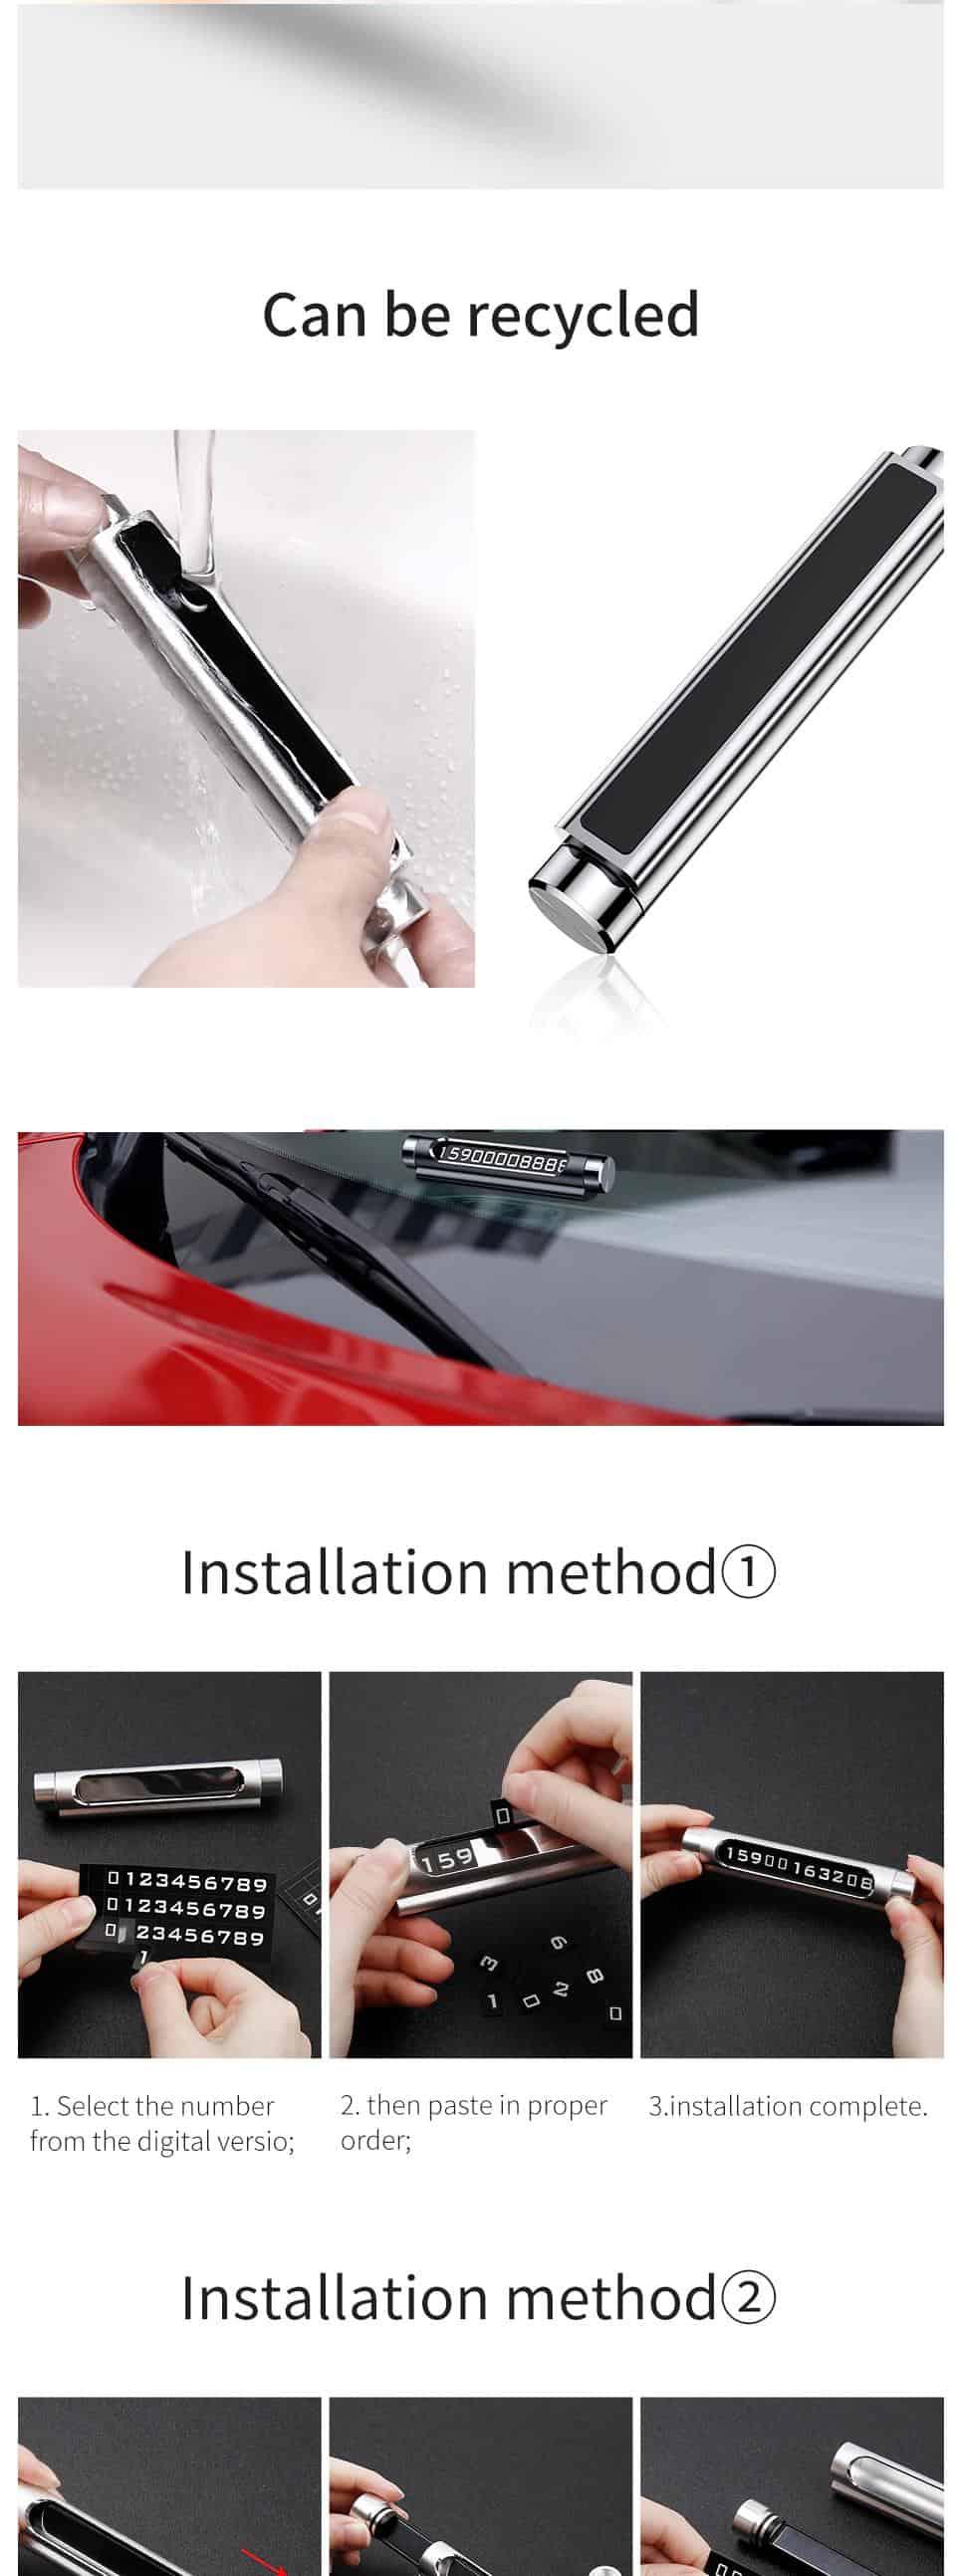 Bảng đậu xe báo số điện thoại cho xe ô tô Baseus Metal Temporary thiết kế kim loại nhôm sang trọng, đặt được 2 dãy số